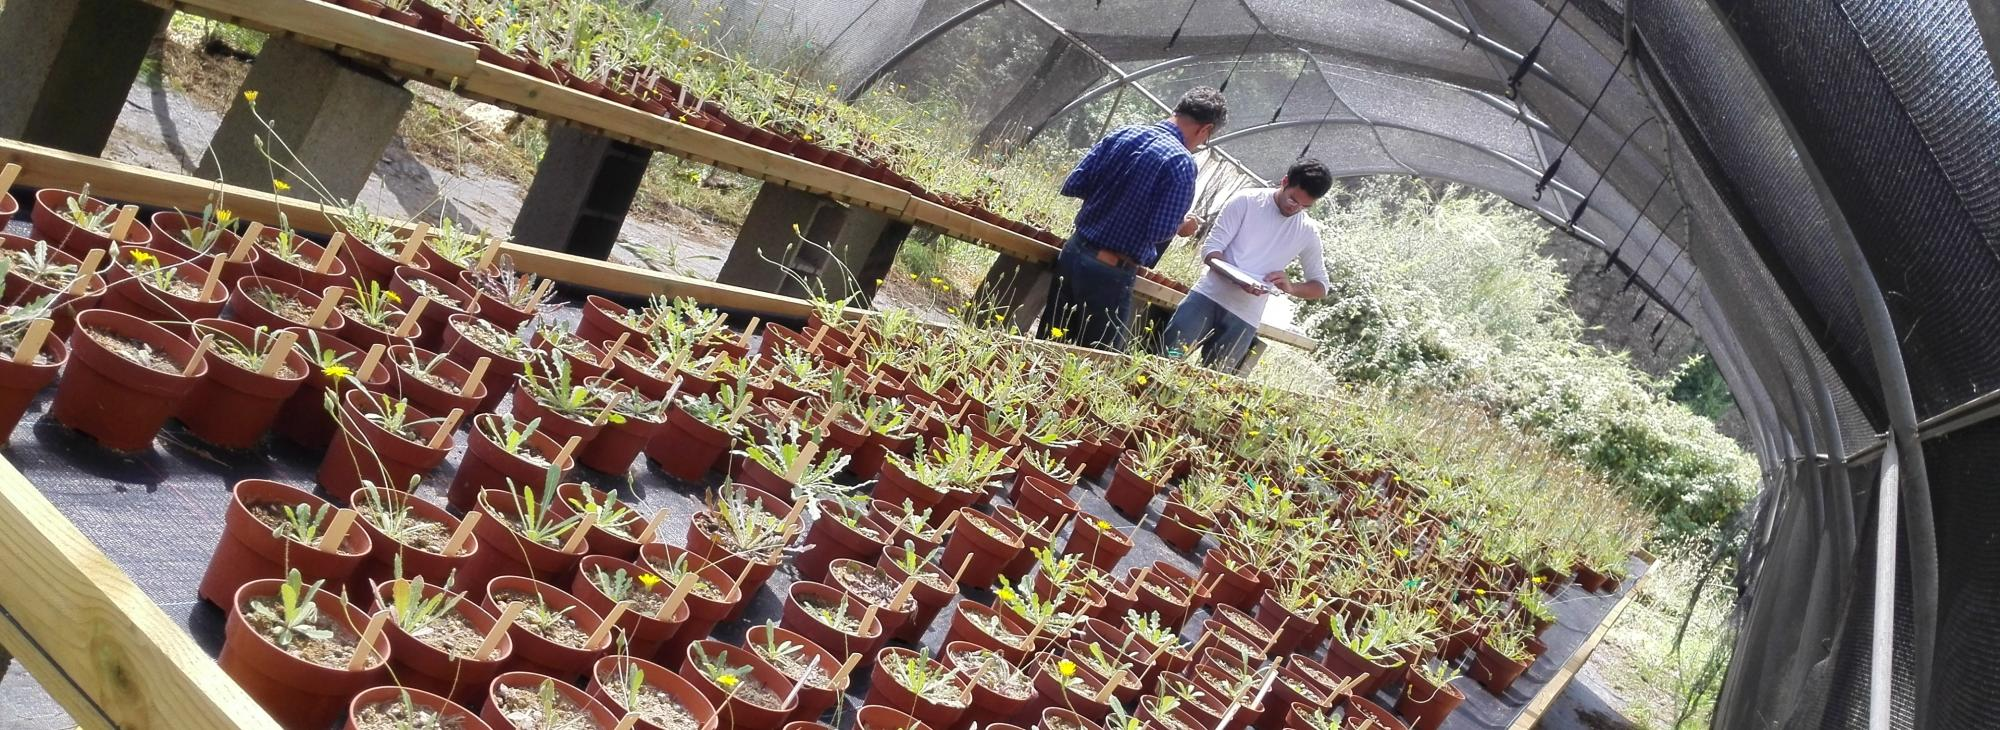 Adaptació de les poblacions vegetals durant les expansions de l'àrea de distribució